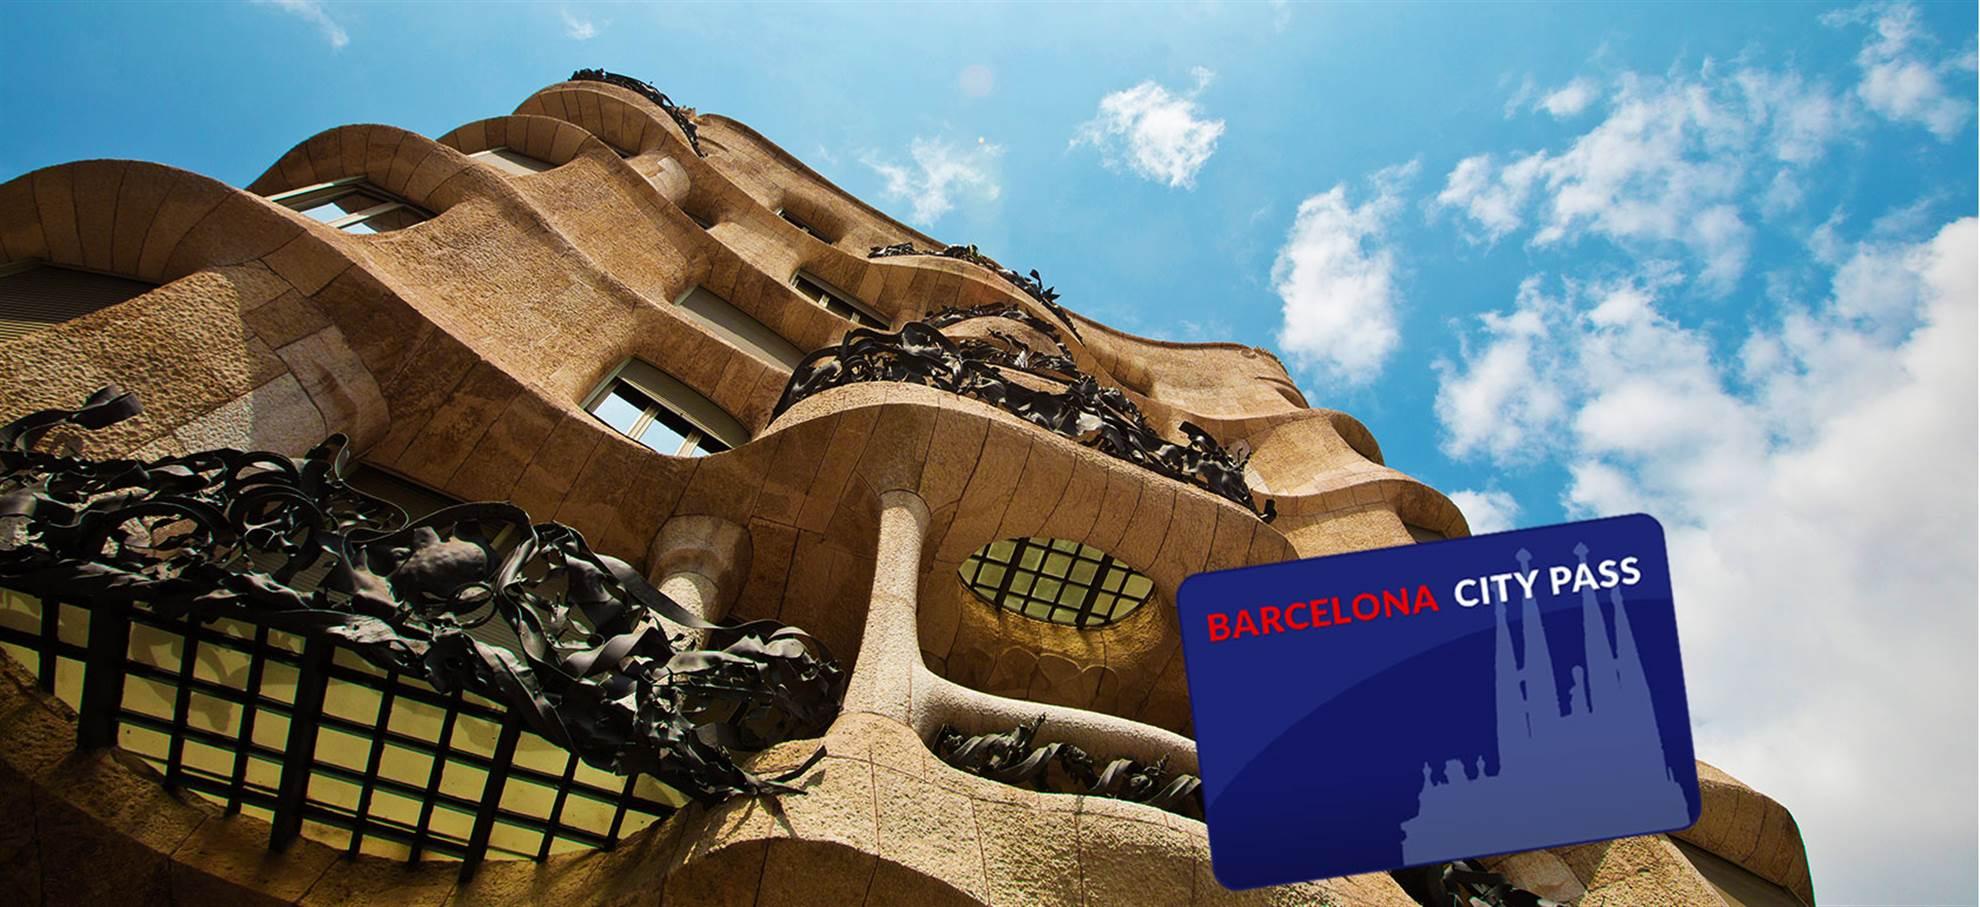 Barcelona City Pass (tartalmazza a Sagrada Famíliát + a tornyot és az angol hangkalauzt, tovább